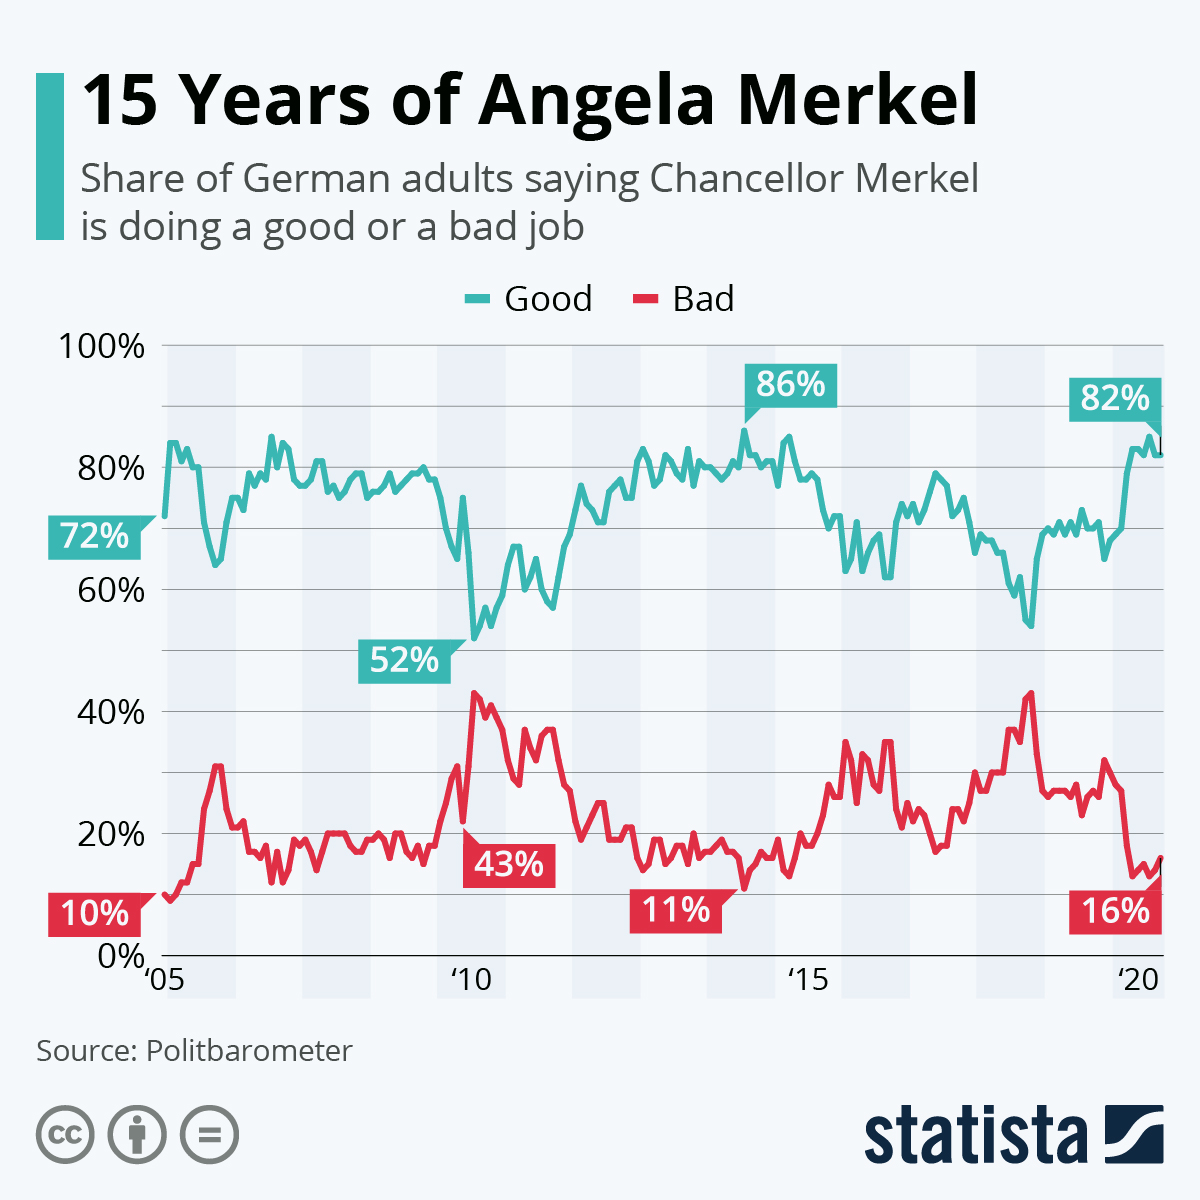 Angela Merkel'in 2021 yılına kadar görevde olduğu sürece yakalamayı başardığı toplumsal onay oranları, Statista.